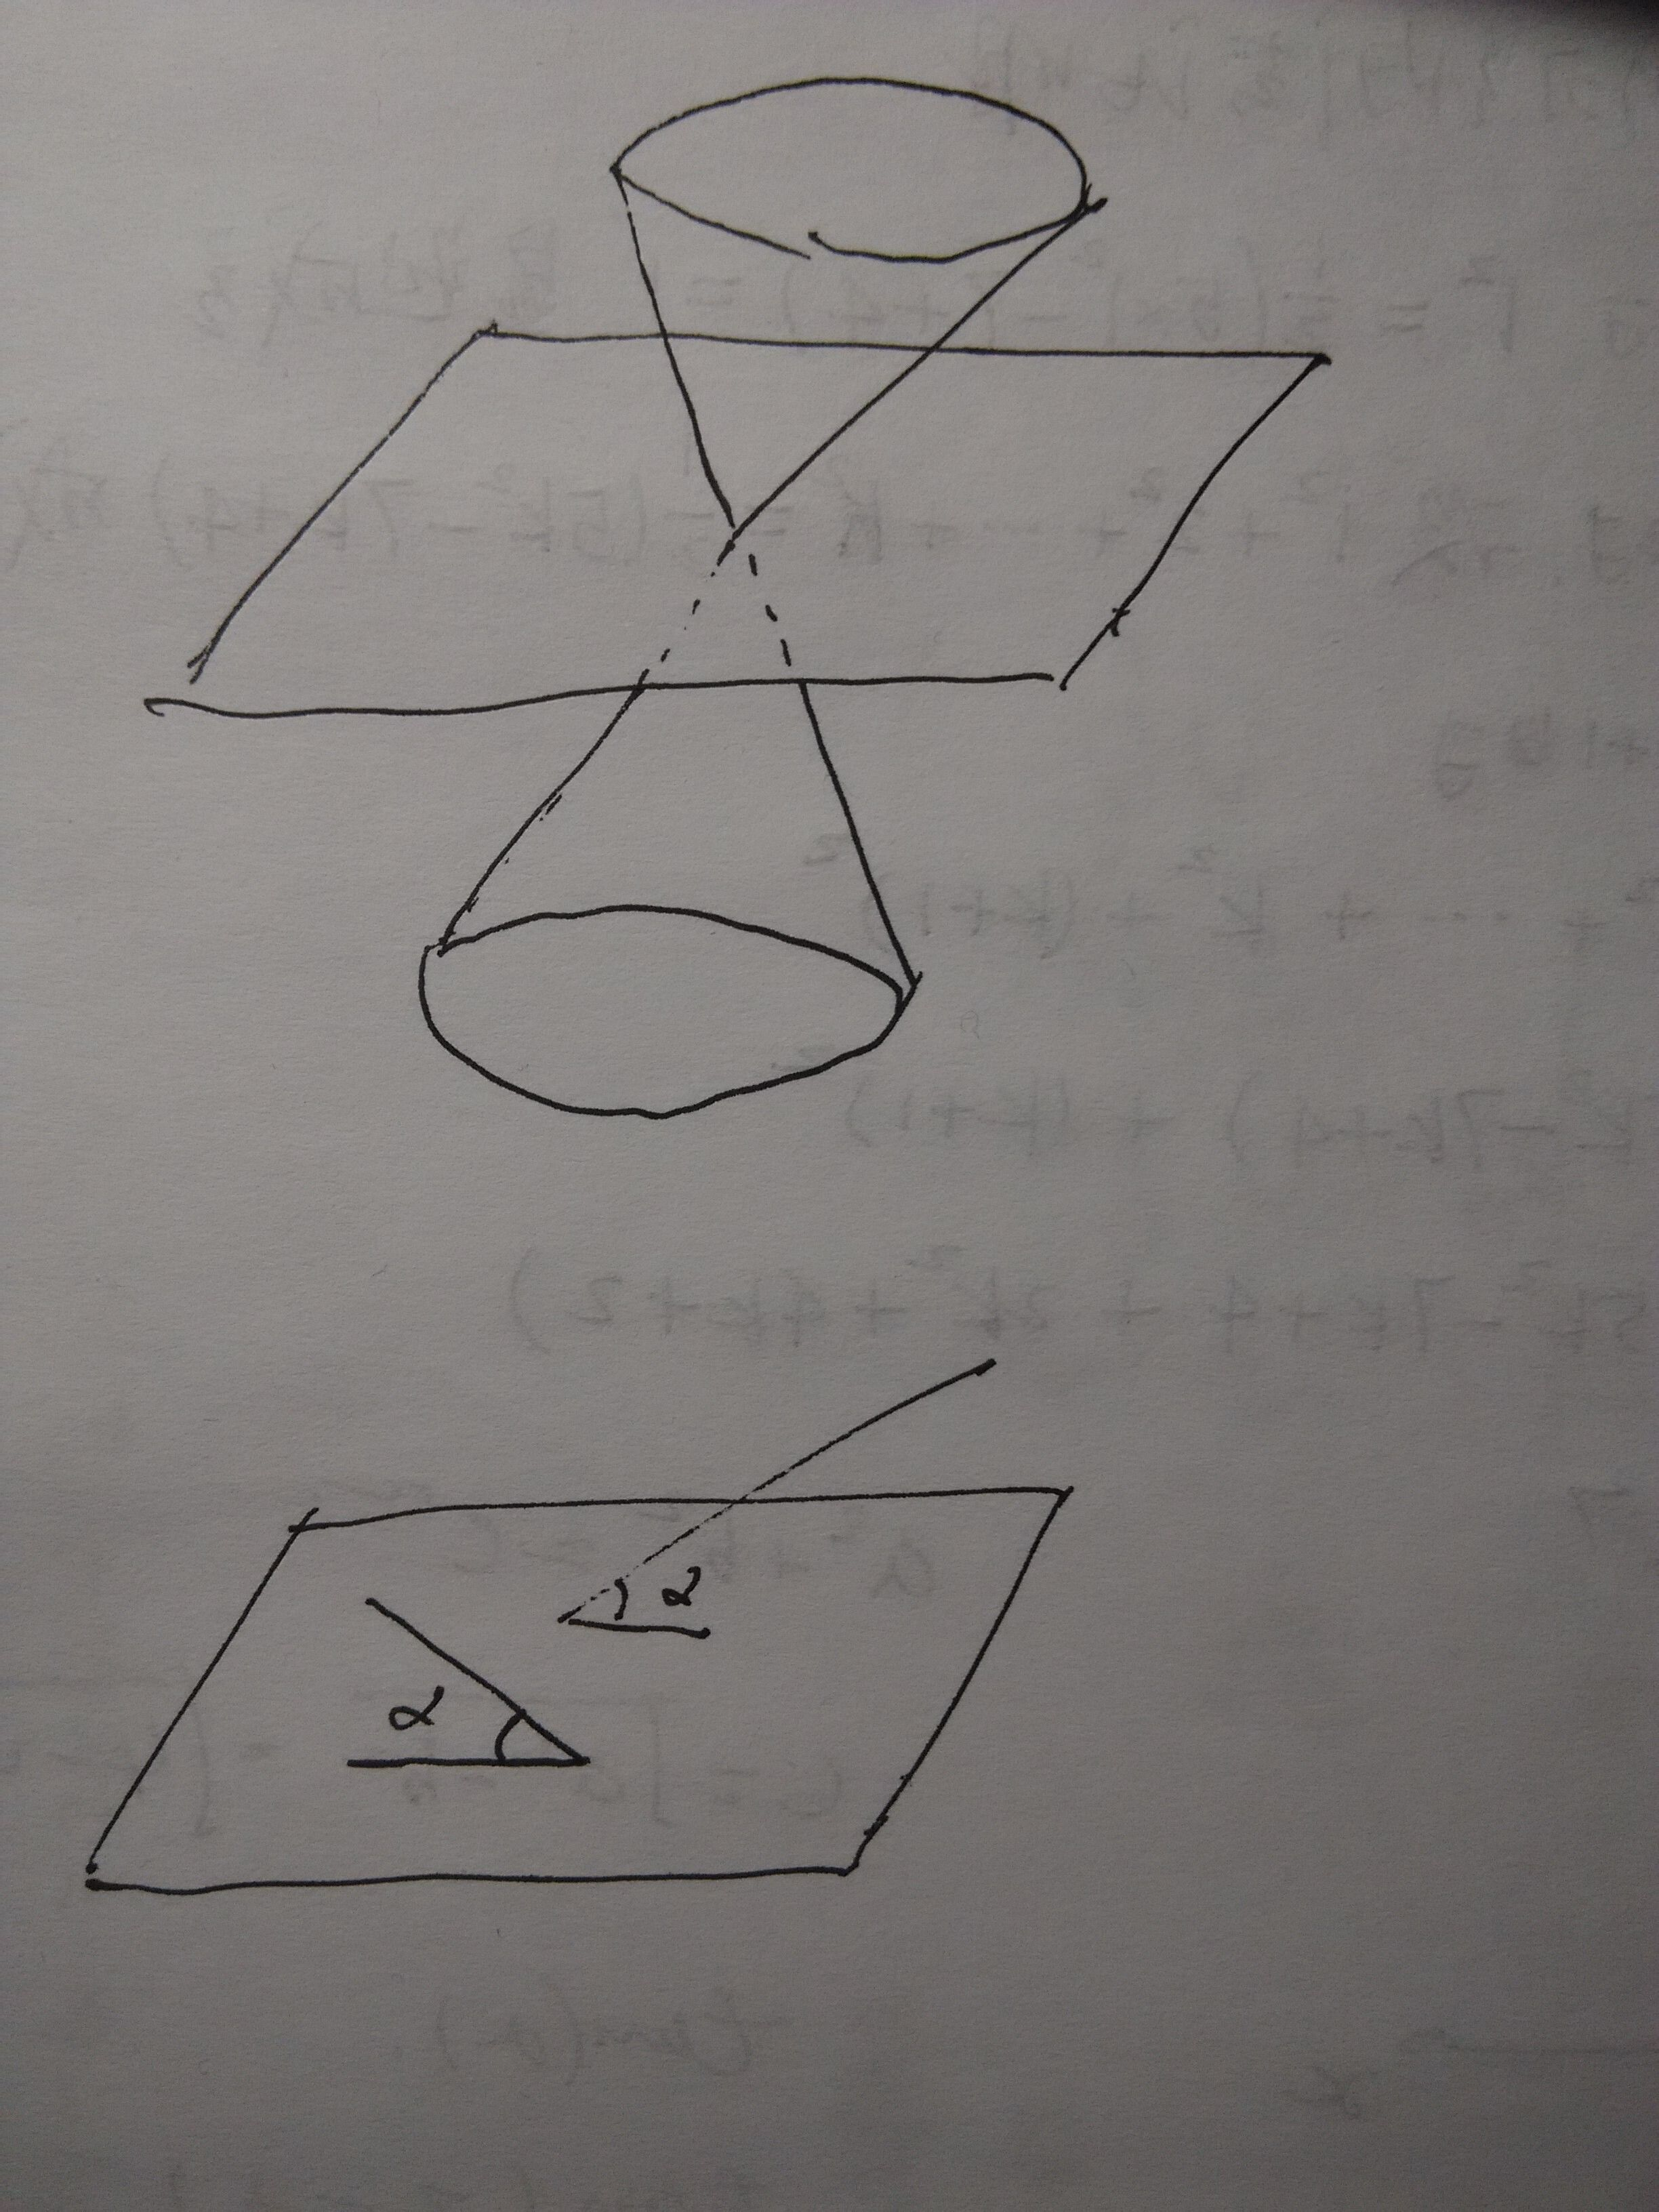 过一点与某一平面成相同角度的直线就有无数条,他们的集合组成了两个图片